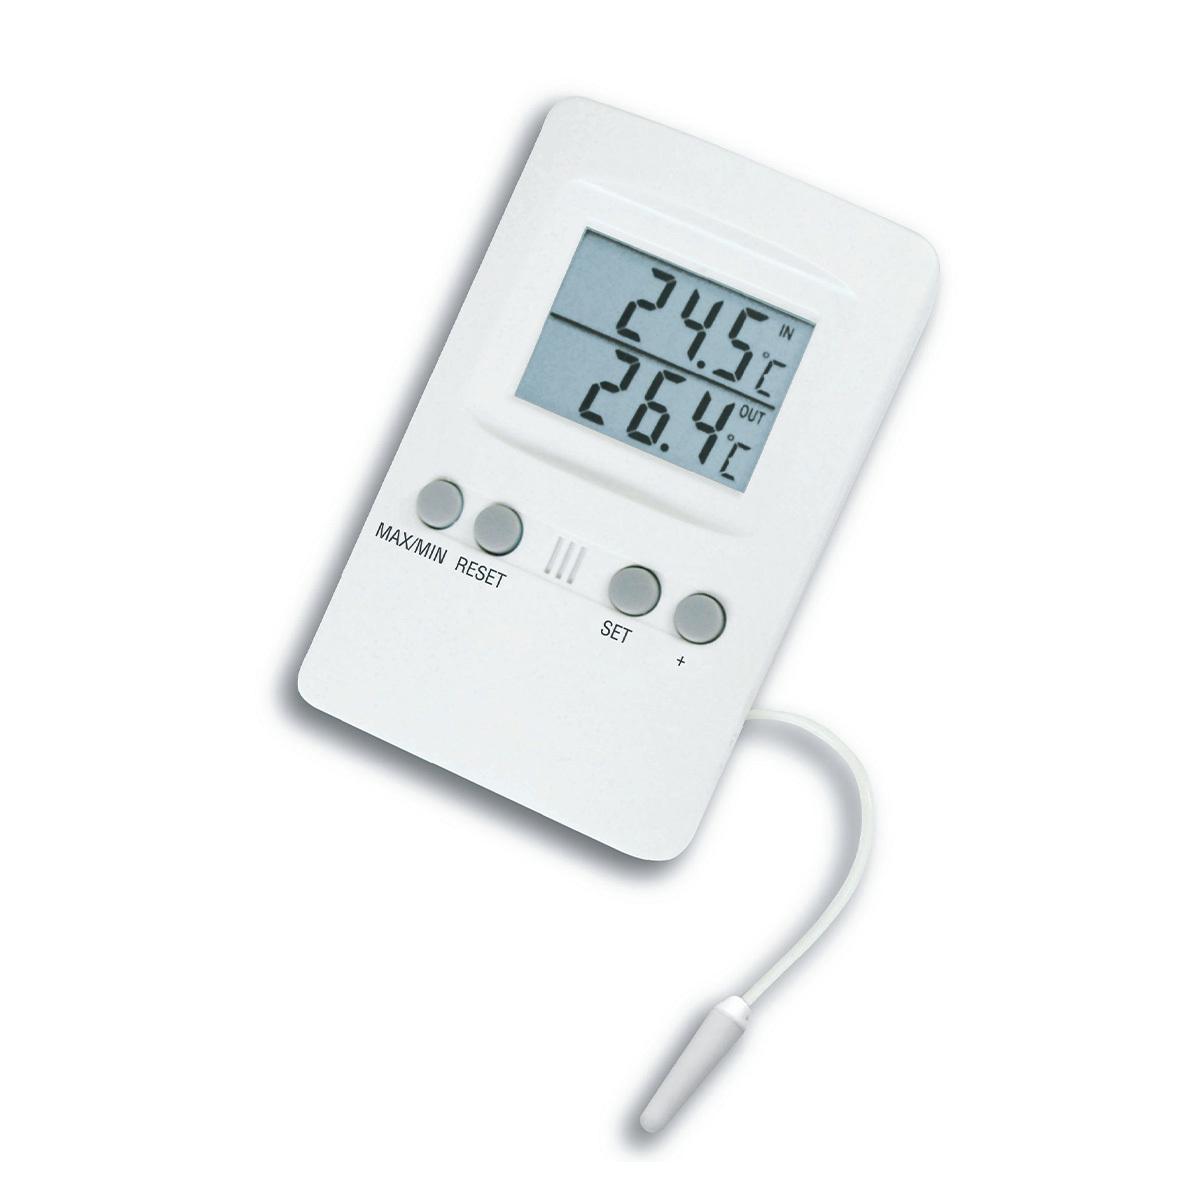 30-1024-digitales-innen-aussen-thermometer-mit-alarm-ansicht-1200x1200px.jpg